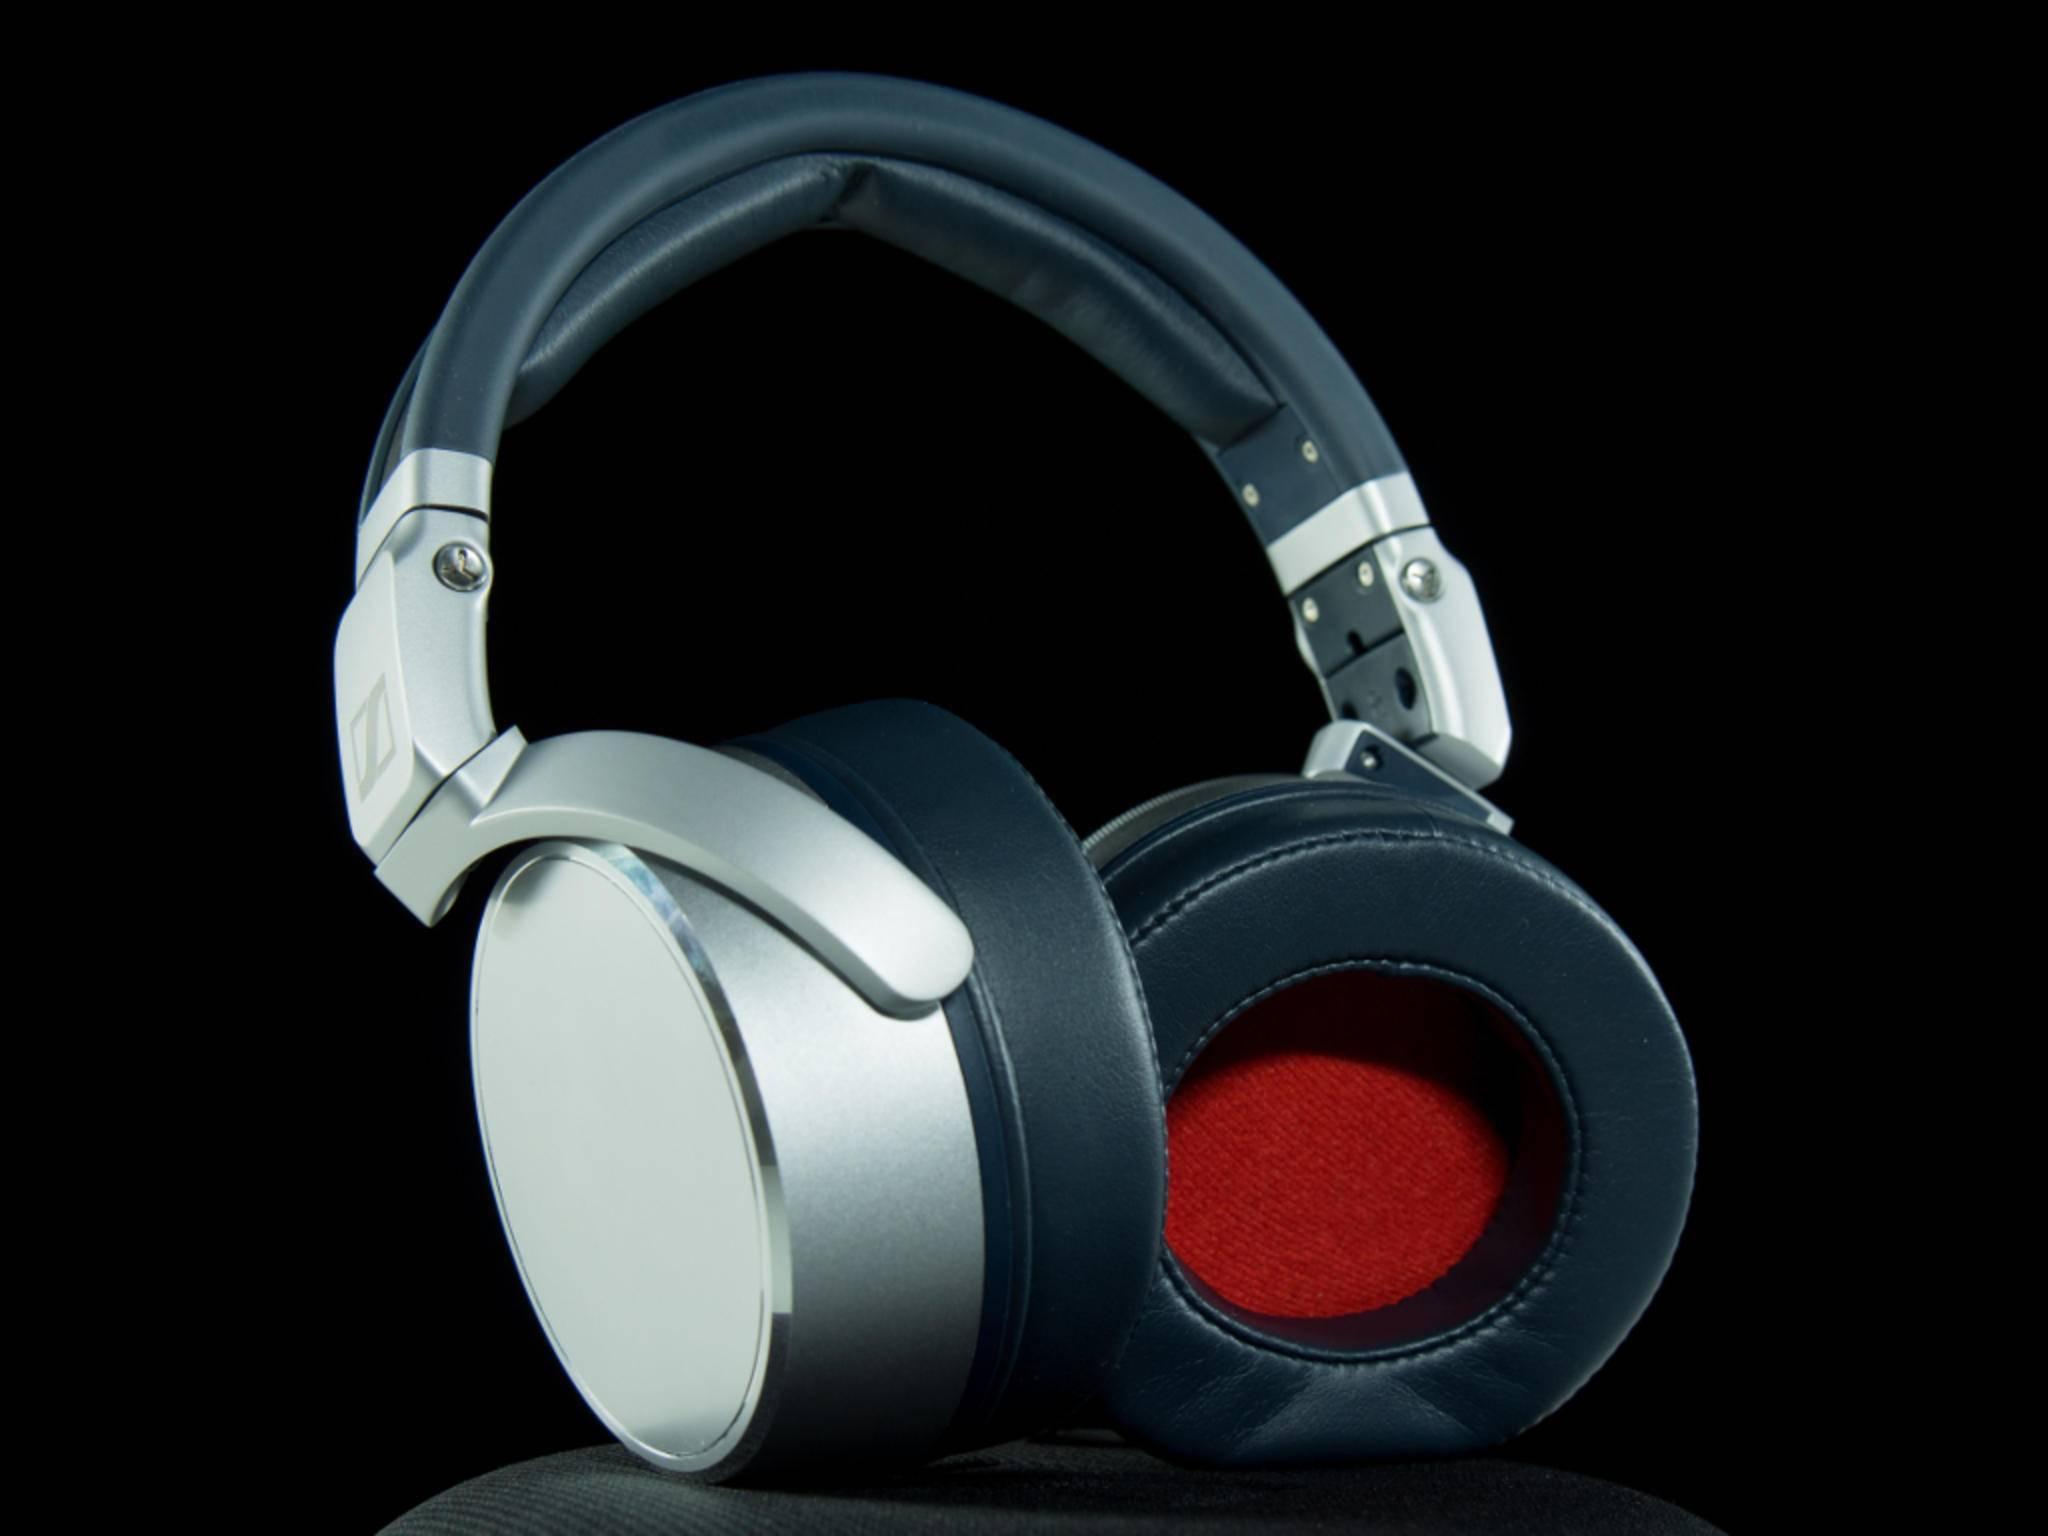 Die Ohrpolster aus Kunstleder können ausgewechselt werden.